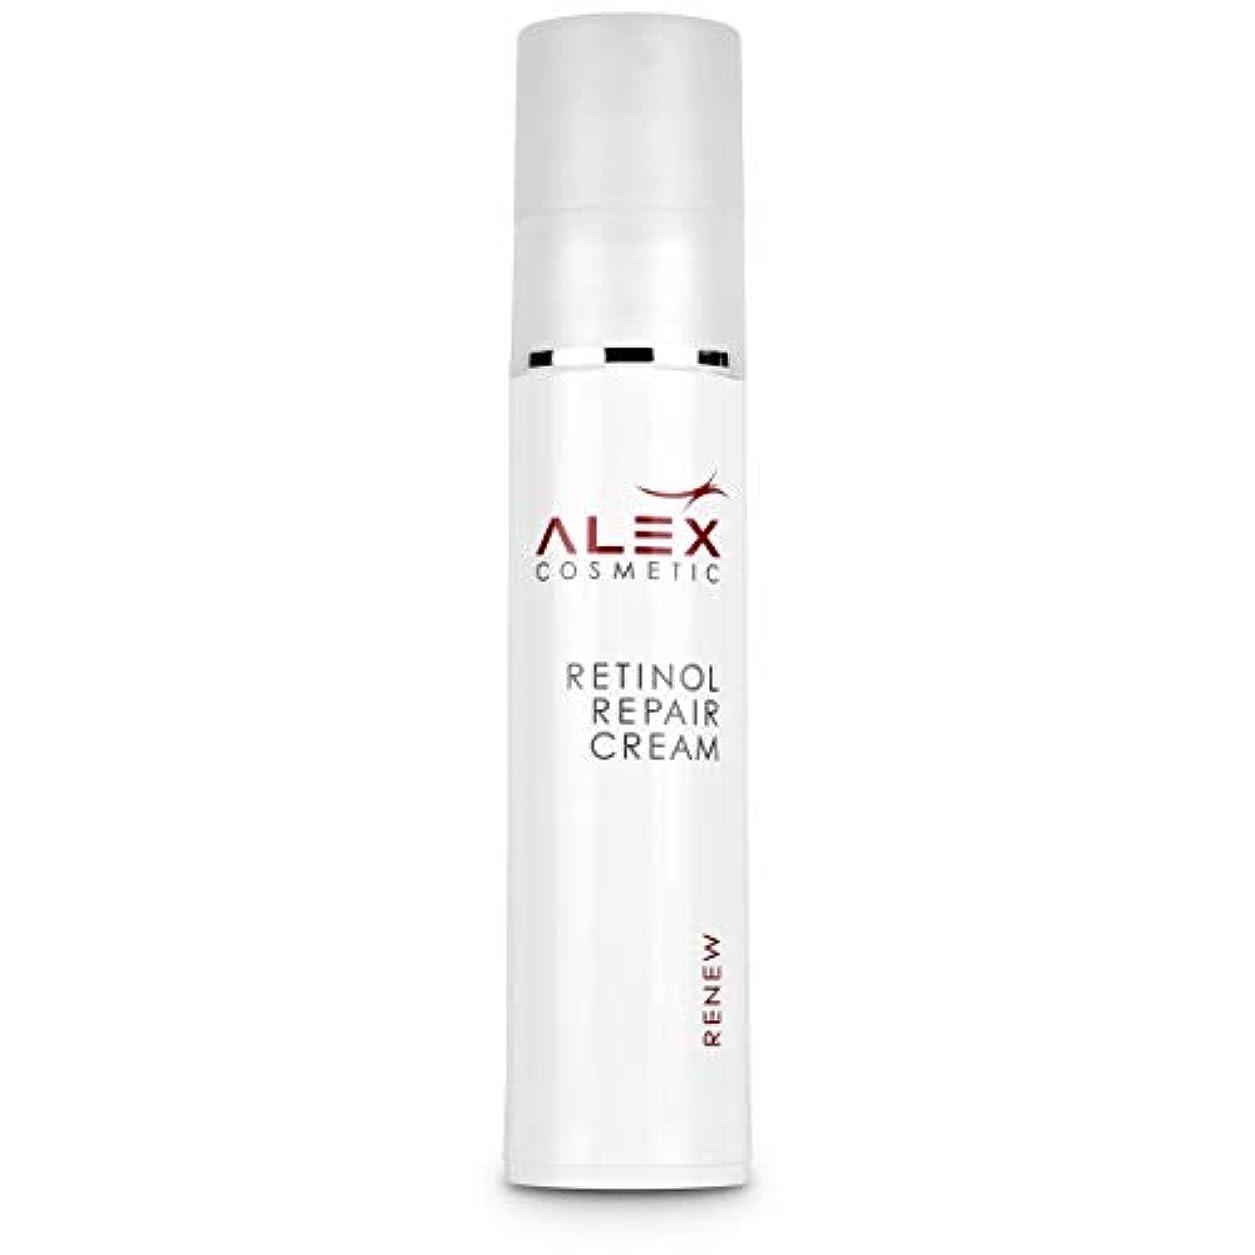 郊外その後休日ALEX アレックス コスメ Retinol Repair Cream レチノール リペア クリーム 50ml 【並行輸入品】